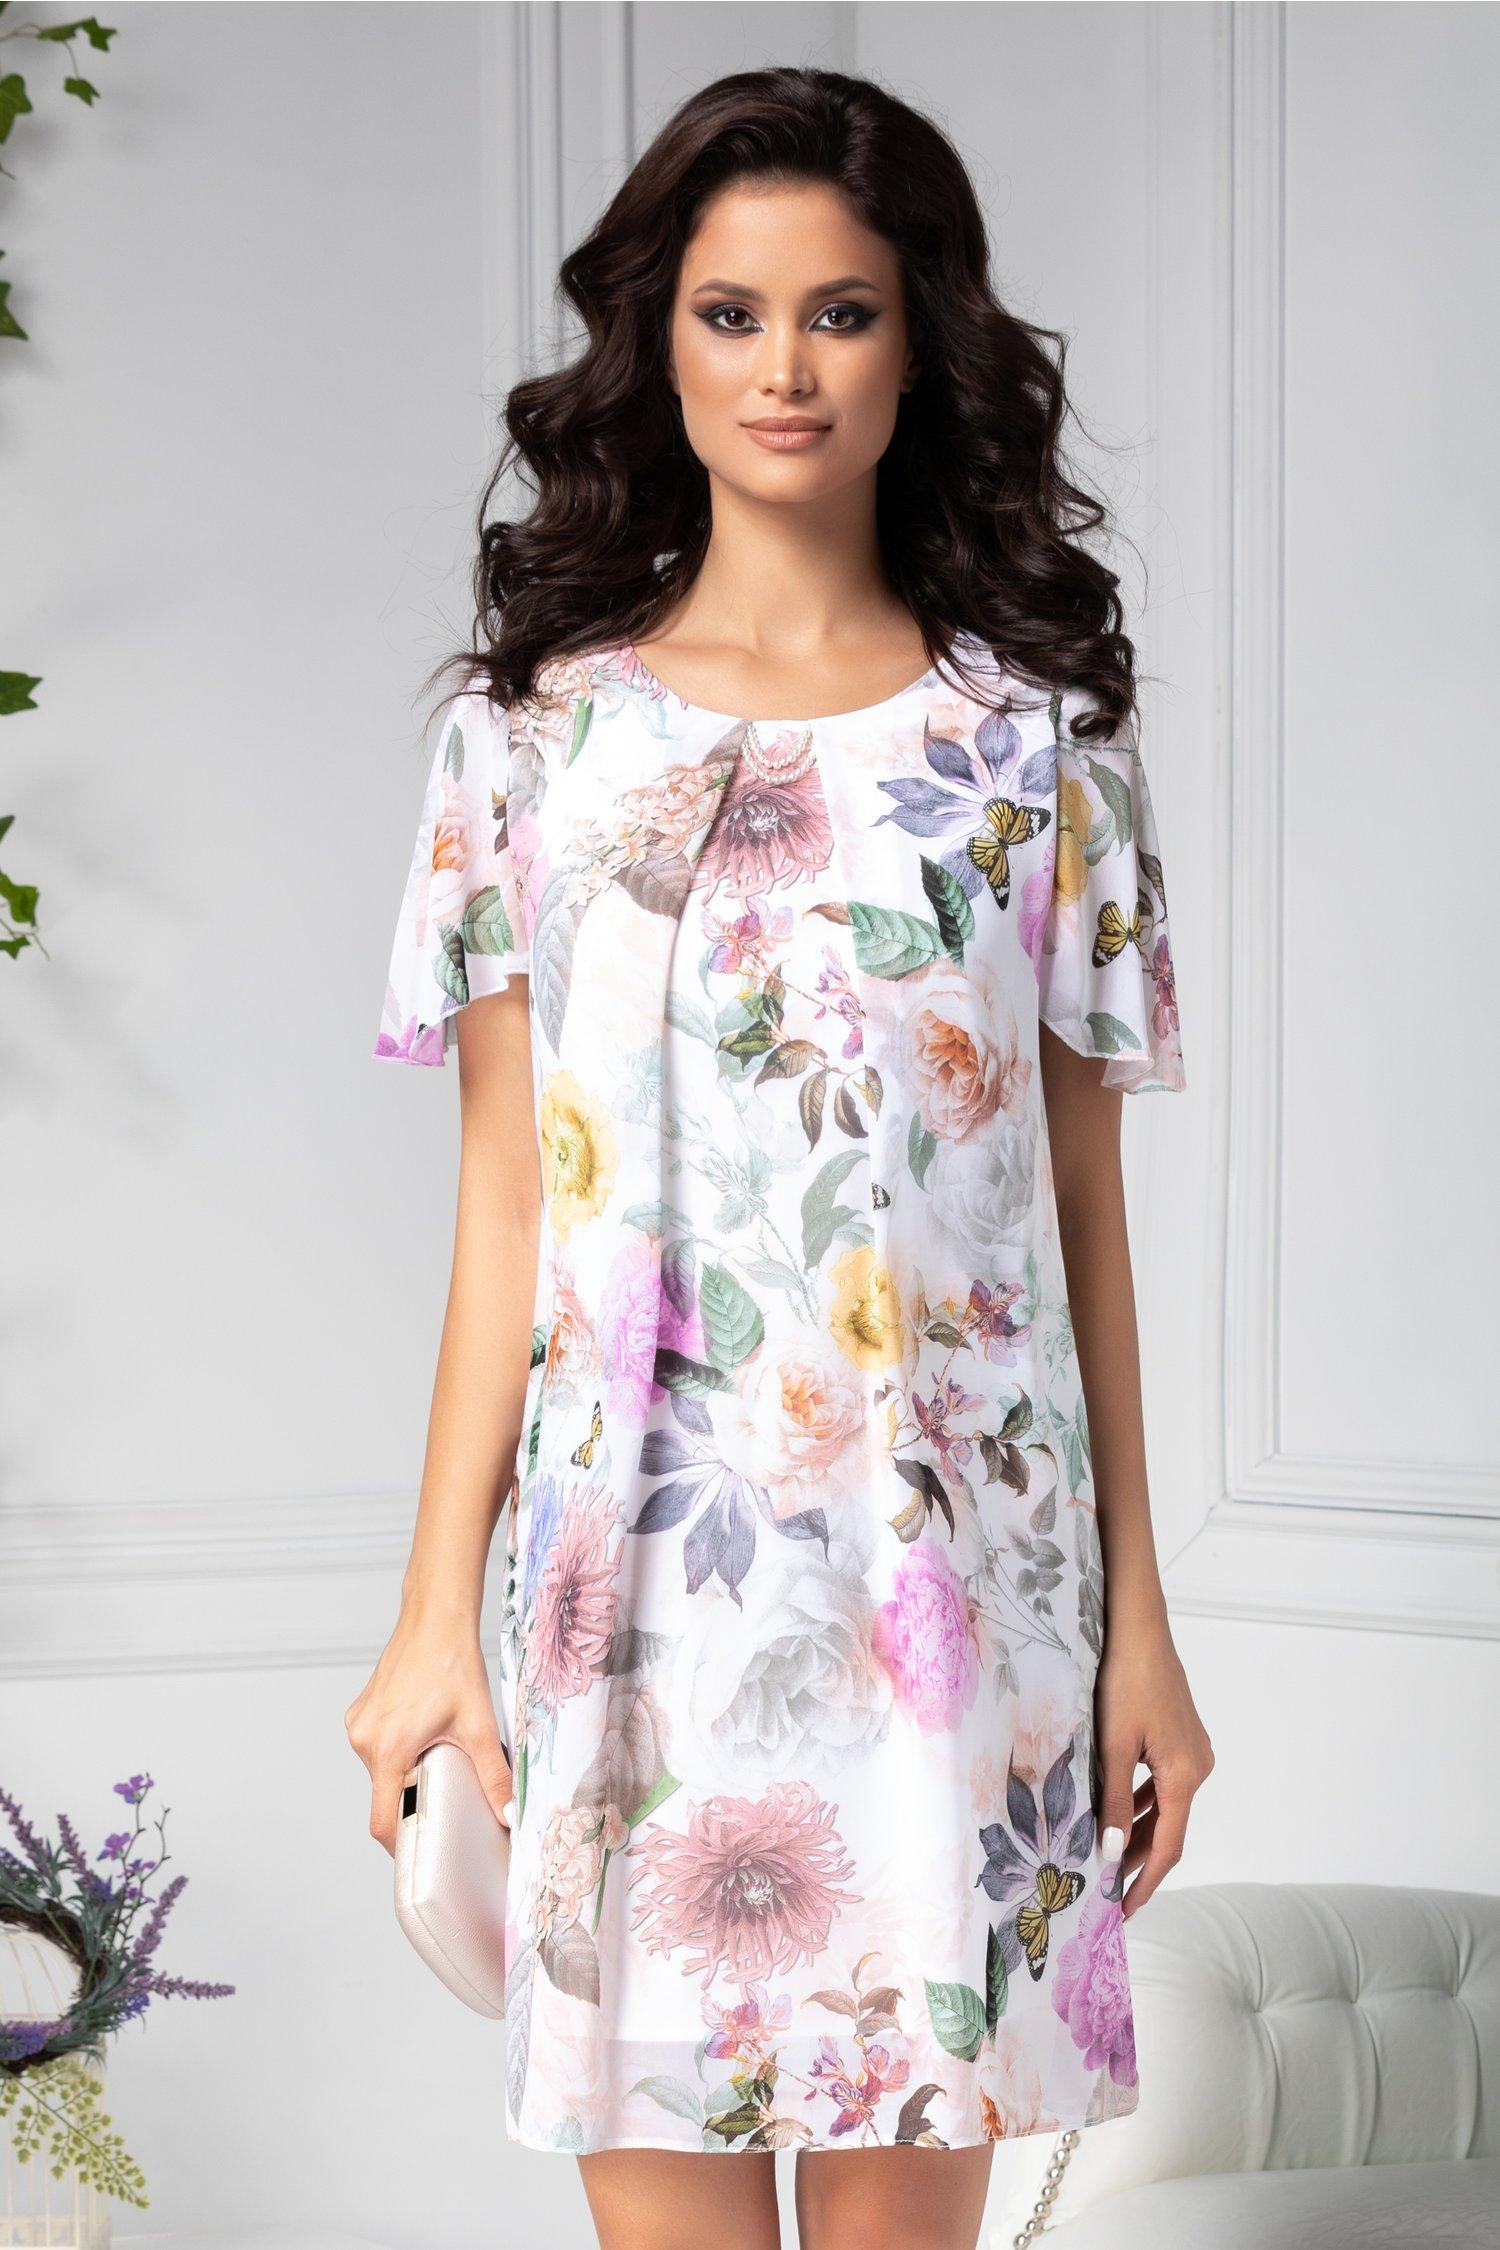 Rochie Anca cu imprimeu floral colorat si perute la guler